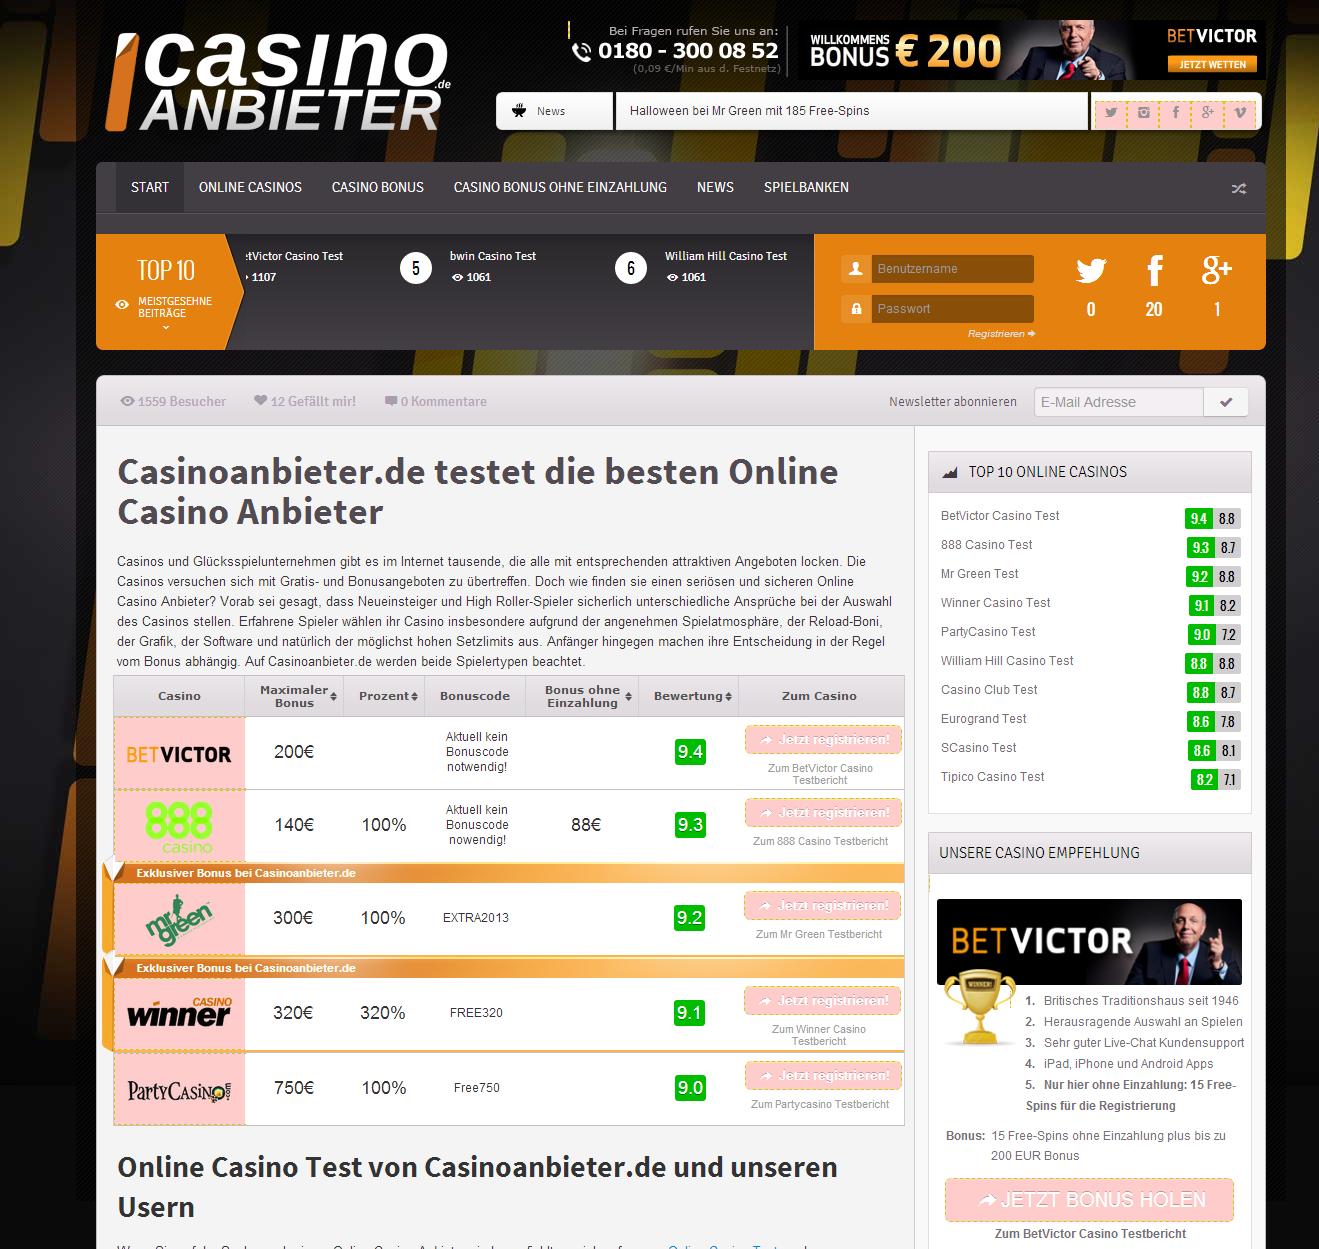 dpt deutsche poker tour kings casino 6 juni